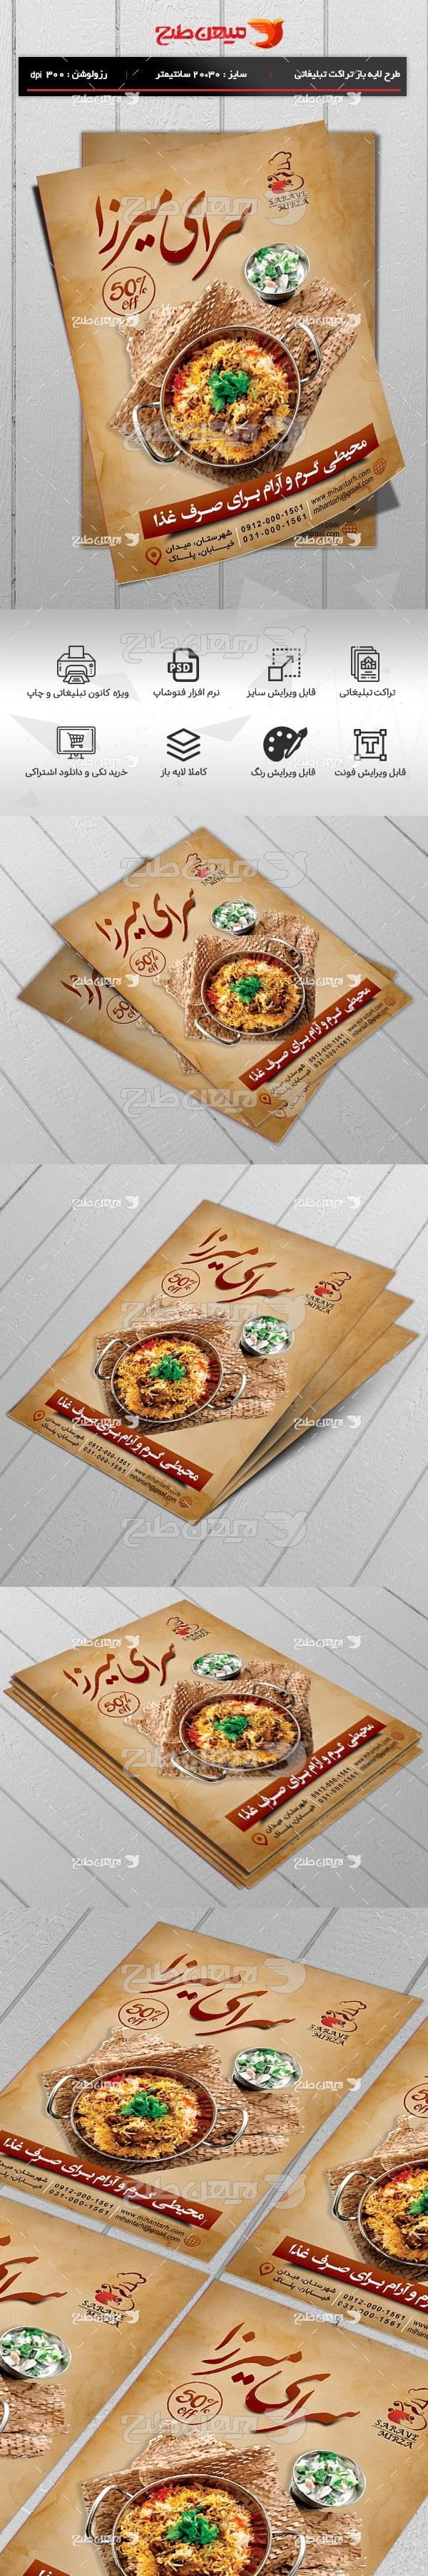 طرح لایه باز پوستر رستوران سنتی